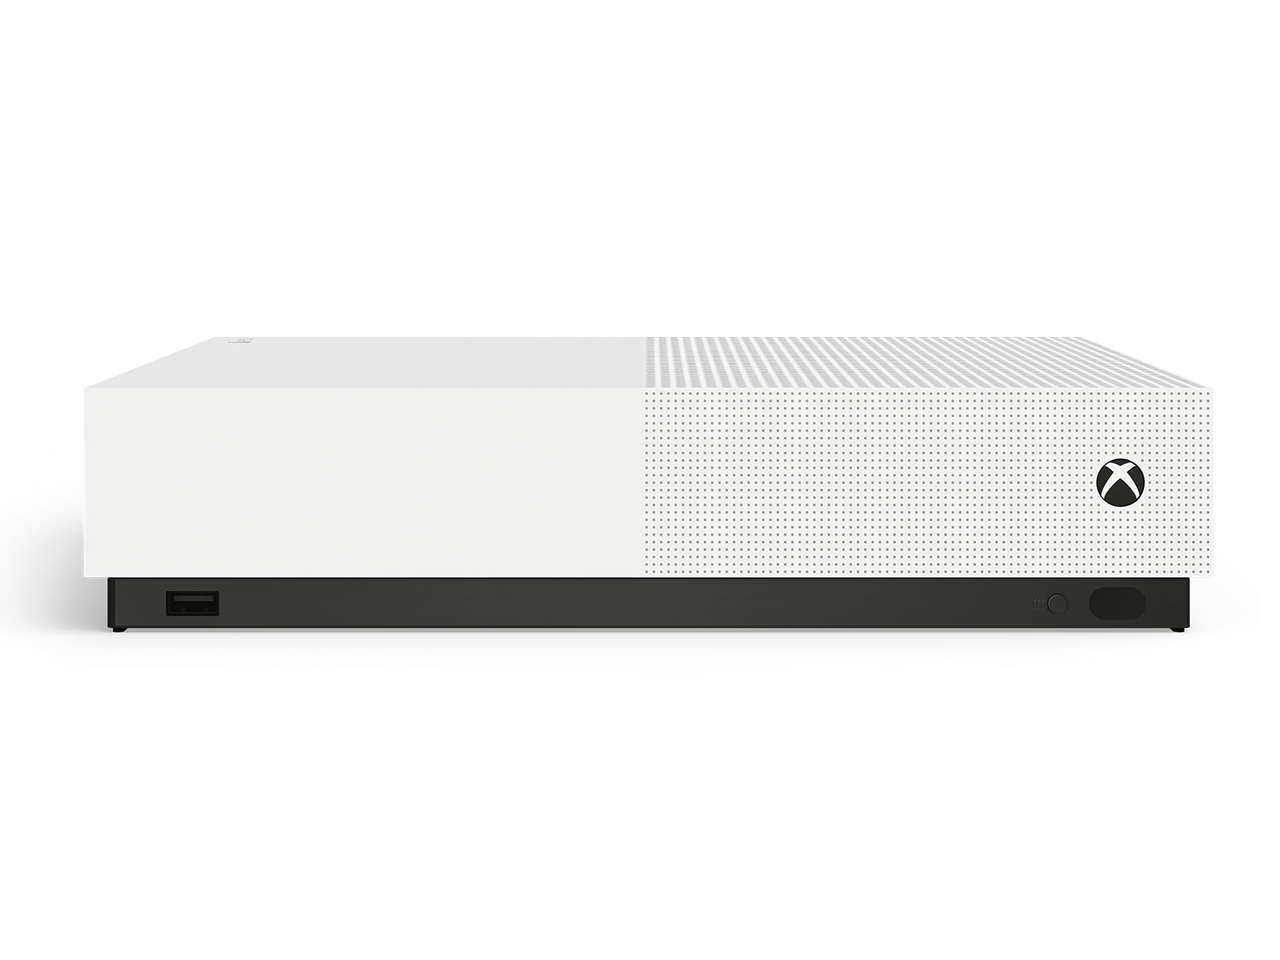 Xbox One S All Digital Edition [1TB]